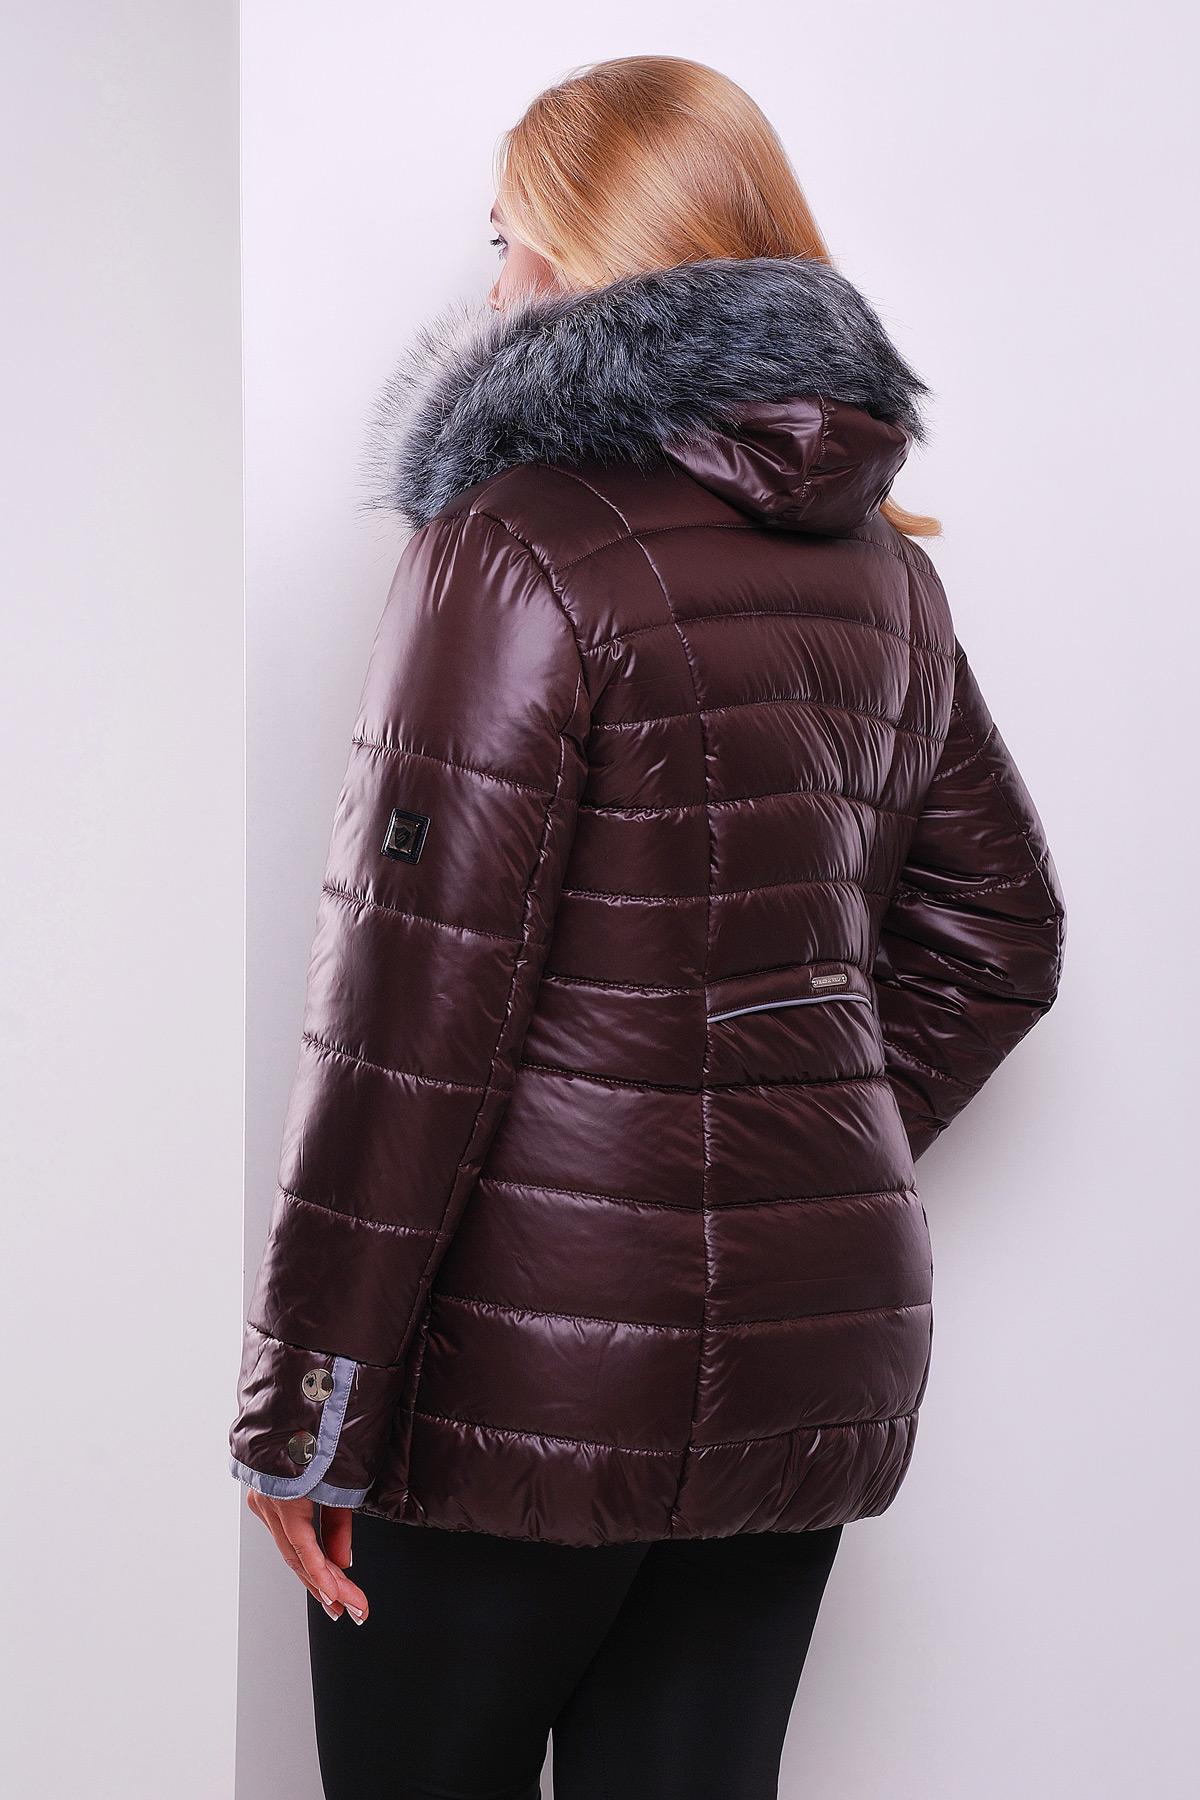 9a96718273d Красная женская куртка с меховым воротником. куртка Glem-1. Цвет   коричневый купить